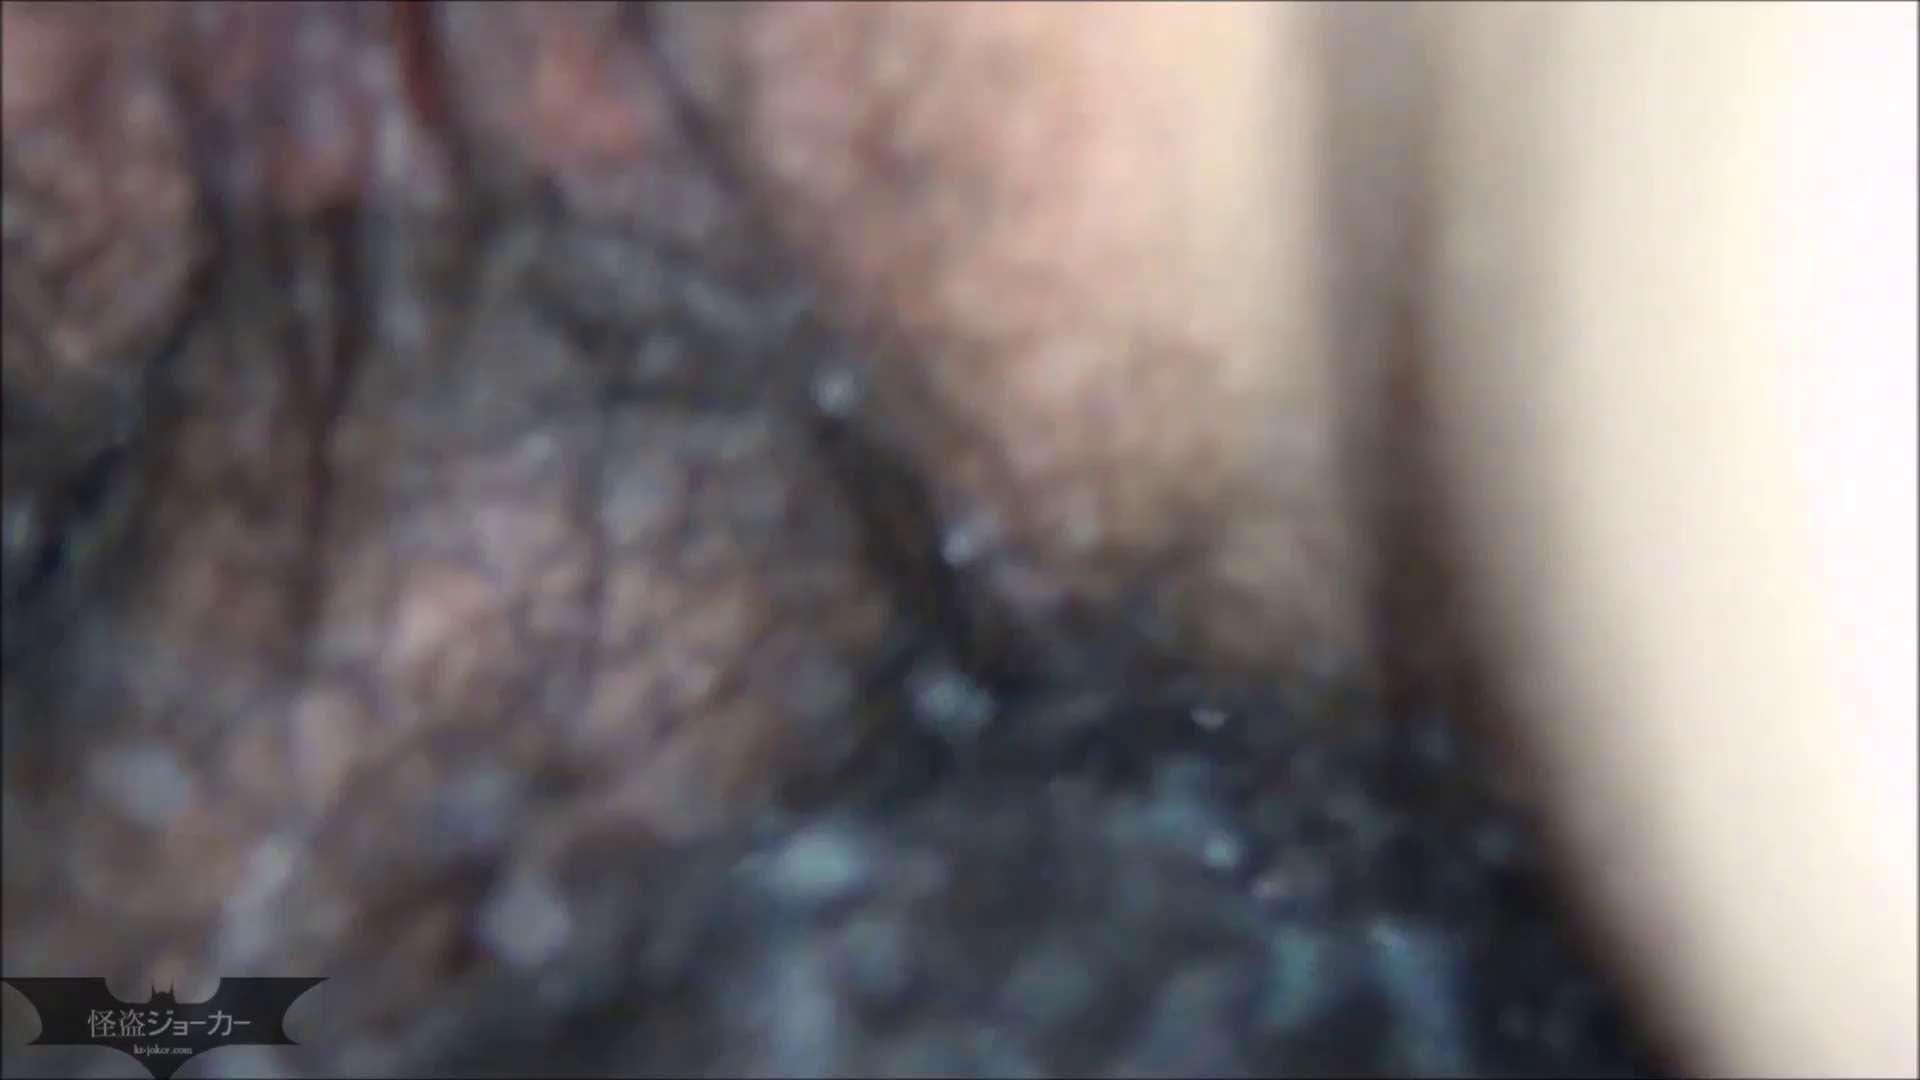 【未公開】vol.68【朋葉】友人が土足で朋葉の膣内に・・・ 盛合せ  107PIX 21